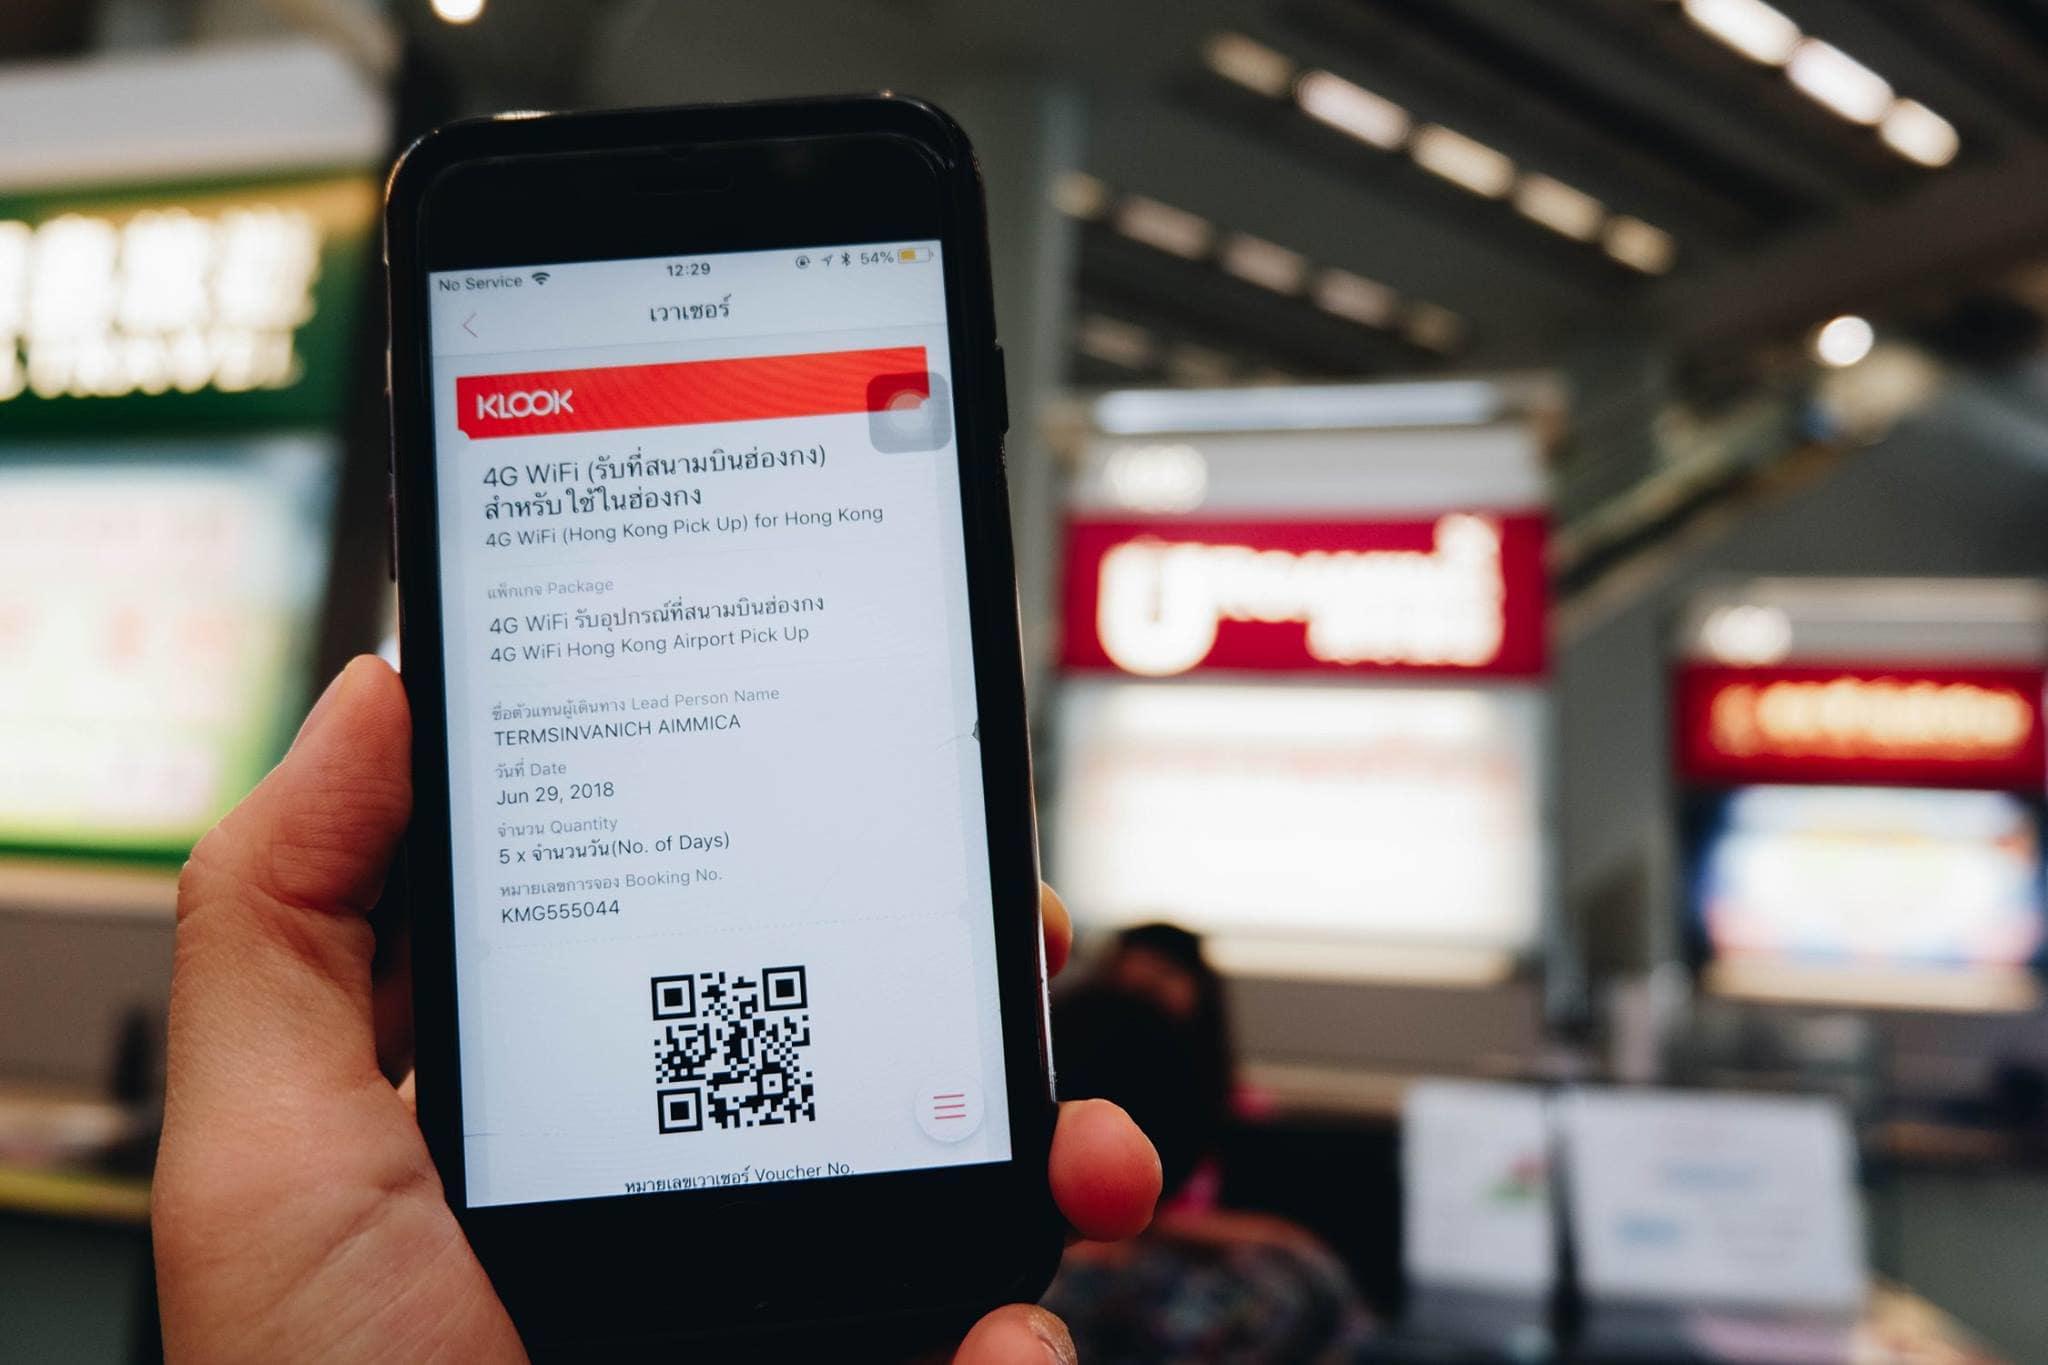 voucher thiết bị wifi 4G hong kong của klook